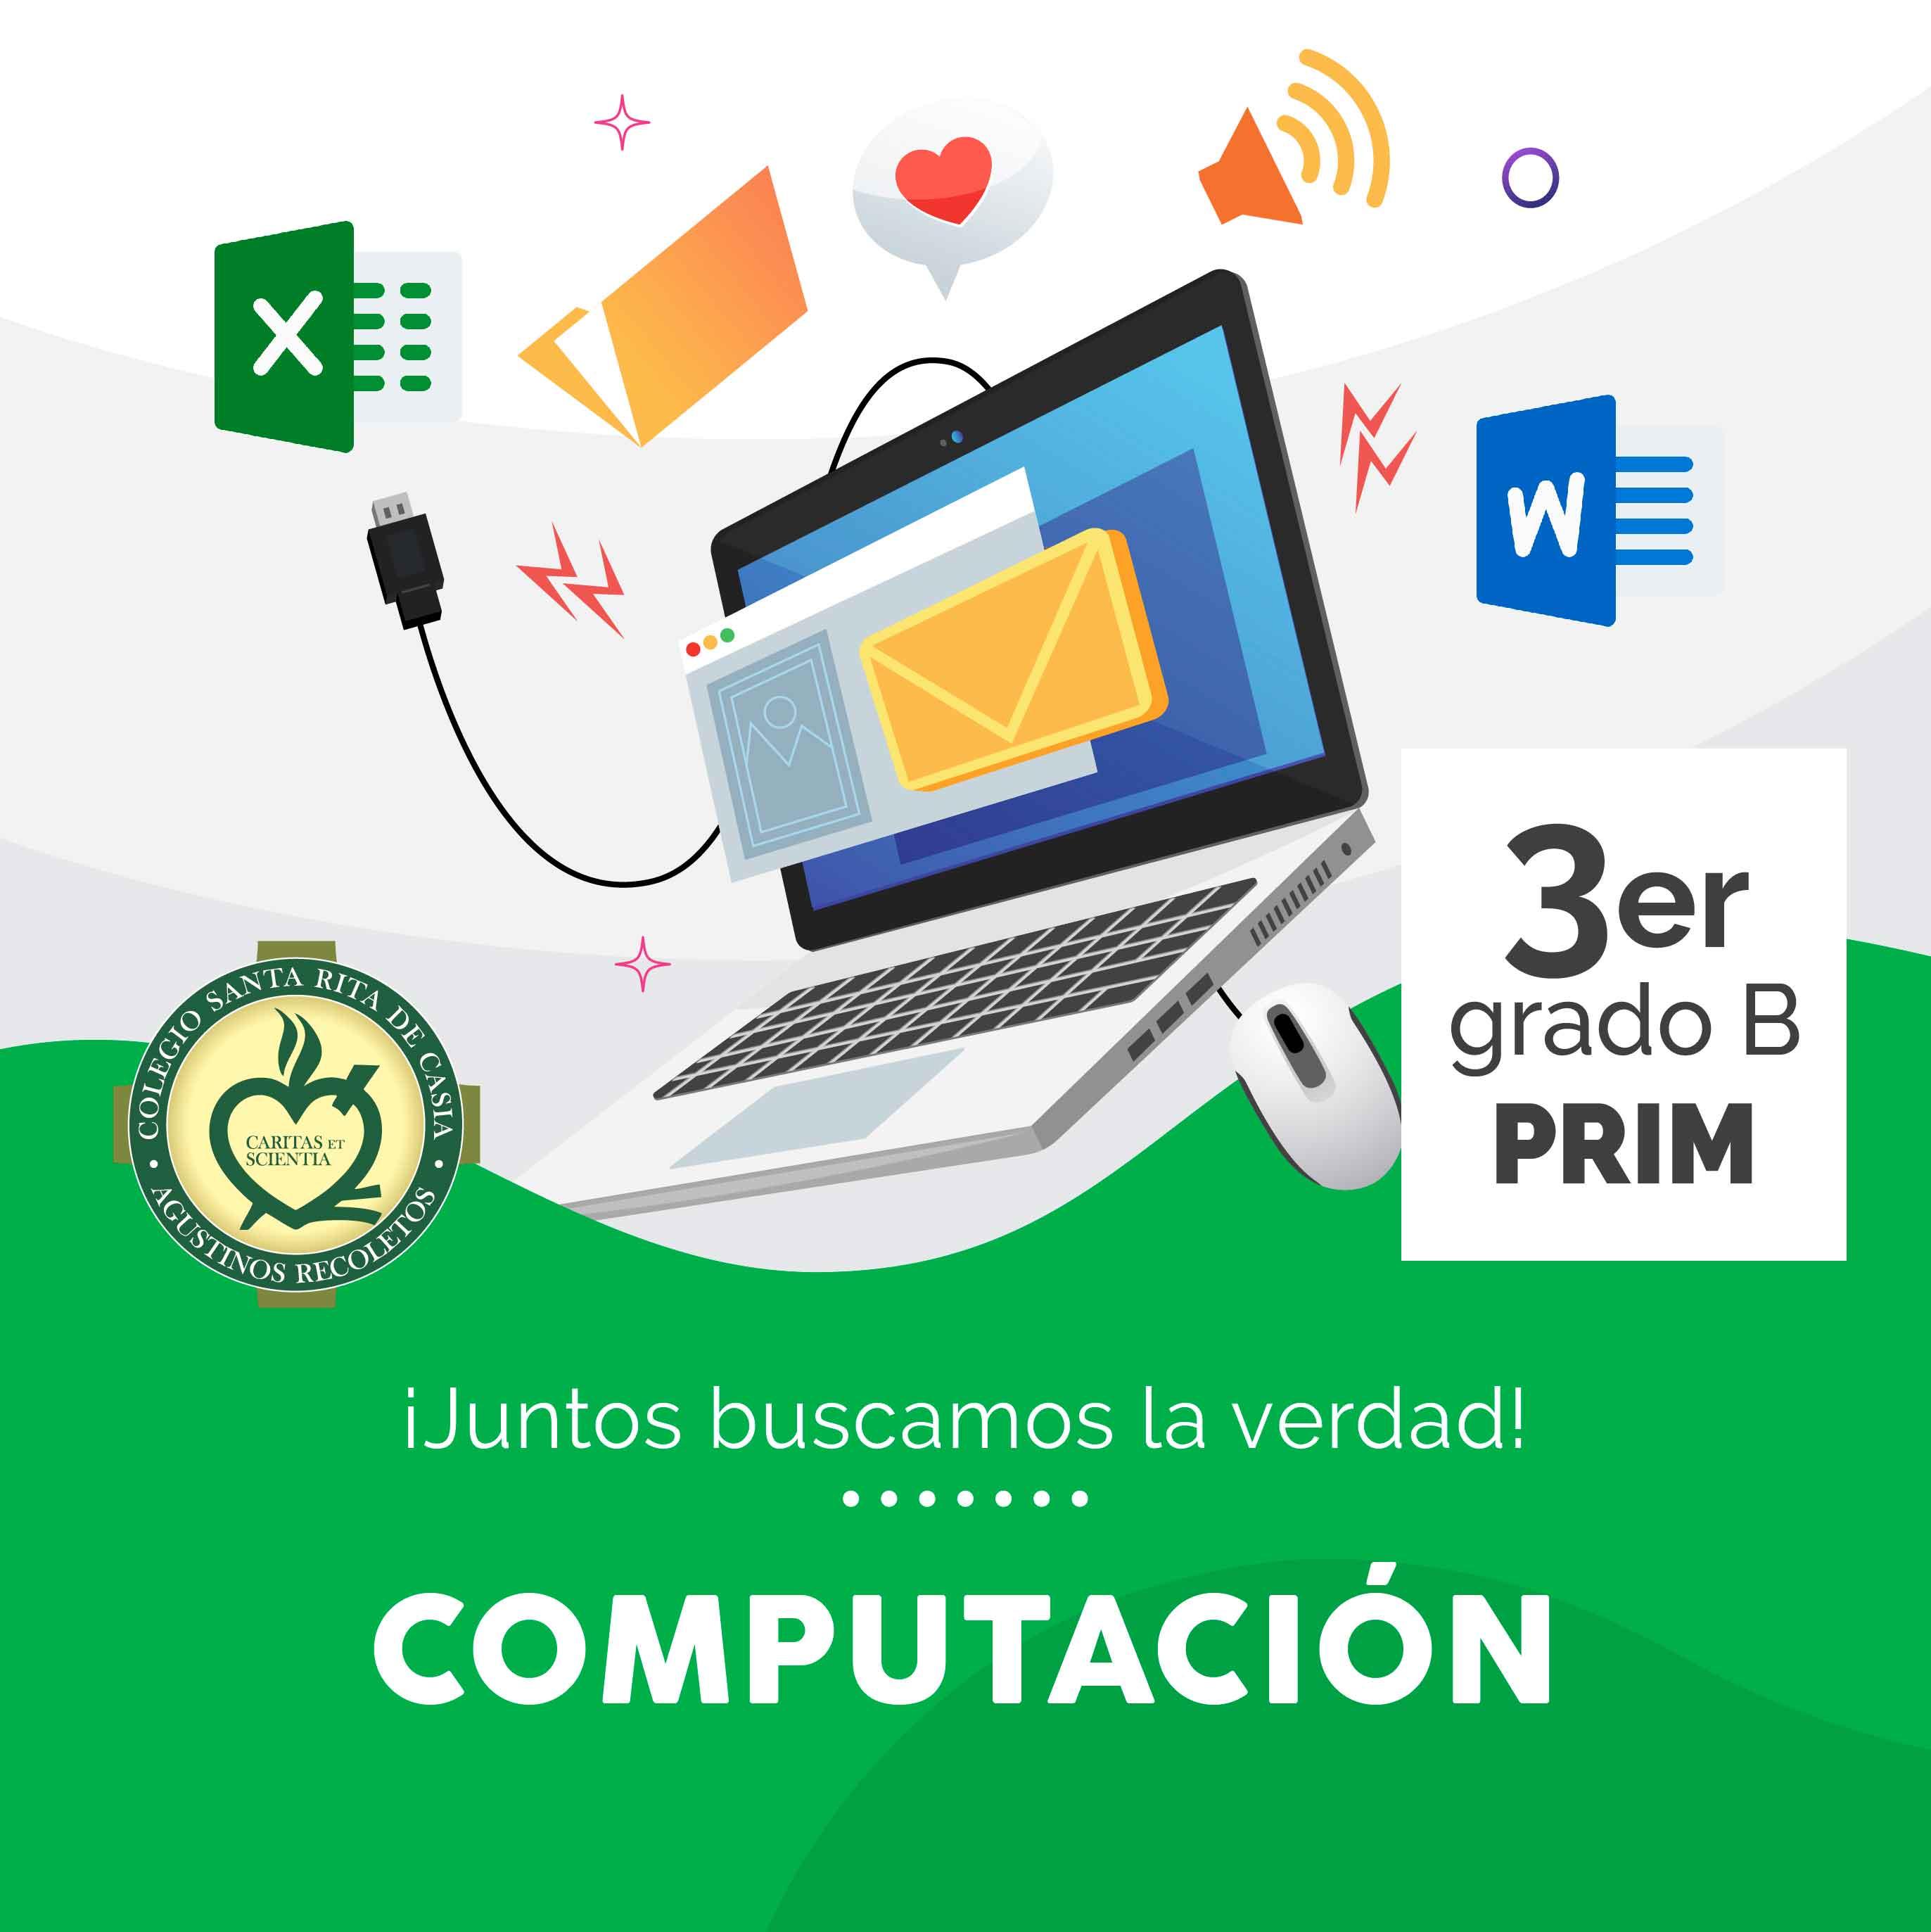 Computación 3er Grado B